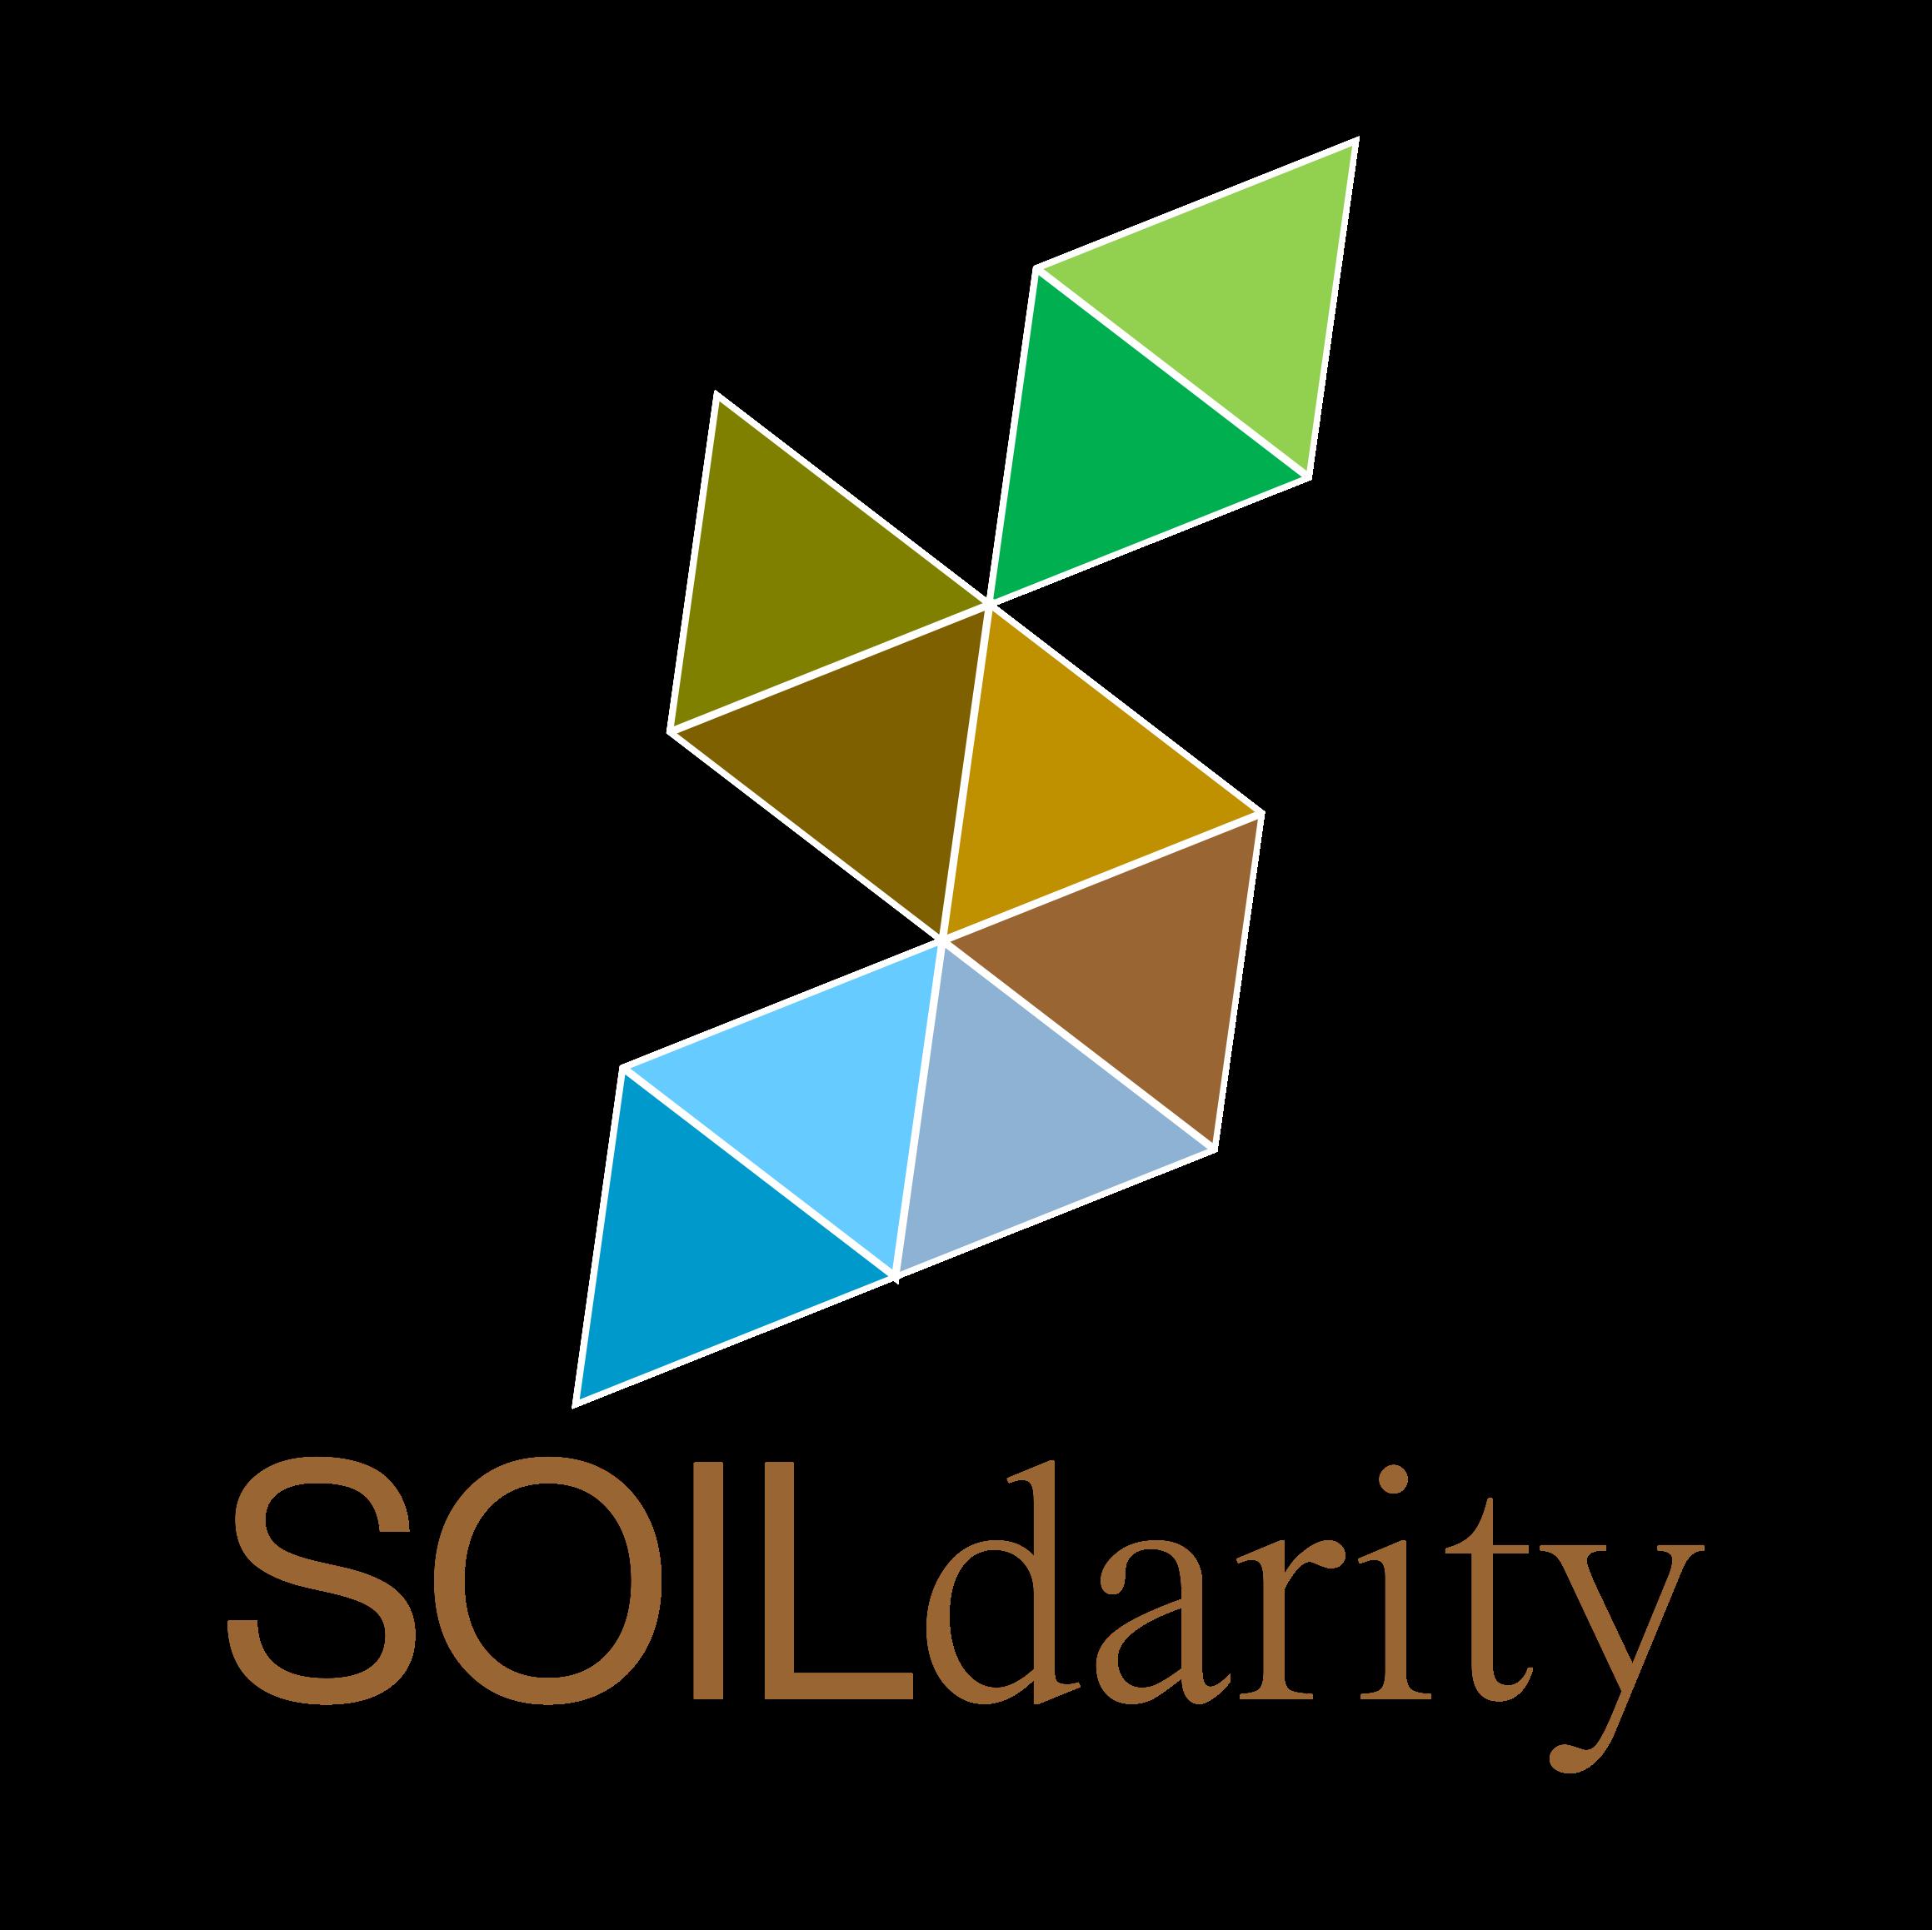 SOILdarity